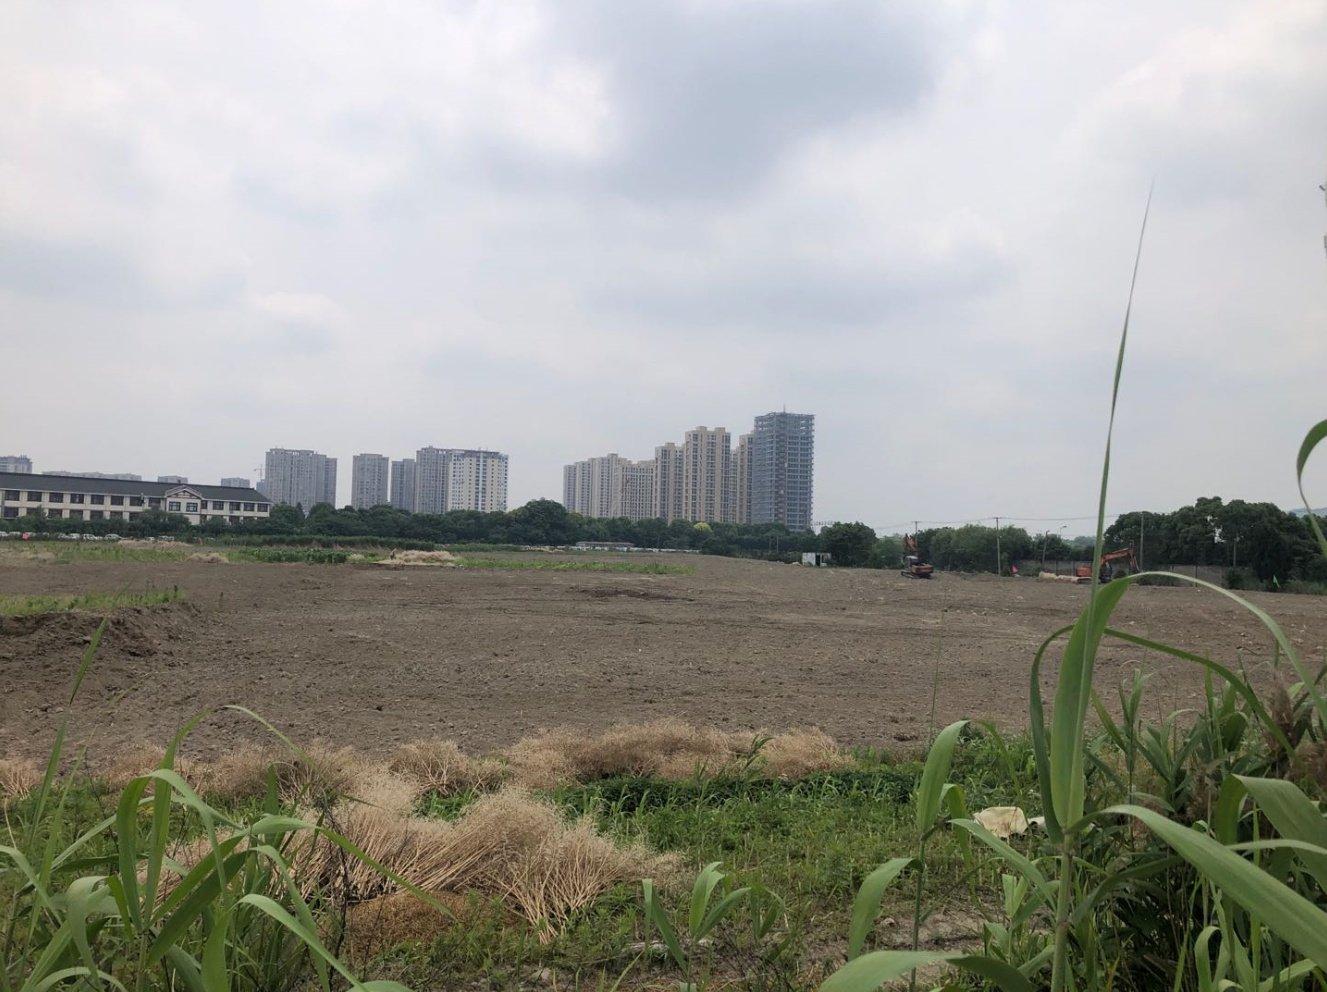 鲜有动静的河庄新出一宗63亩宅地,河庄街道北一路南住宅地块